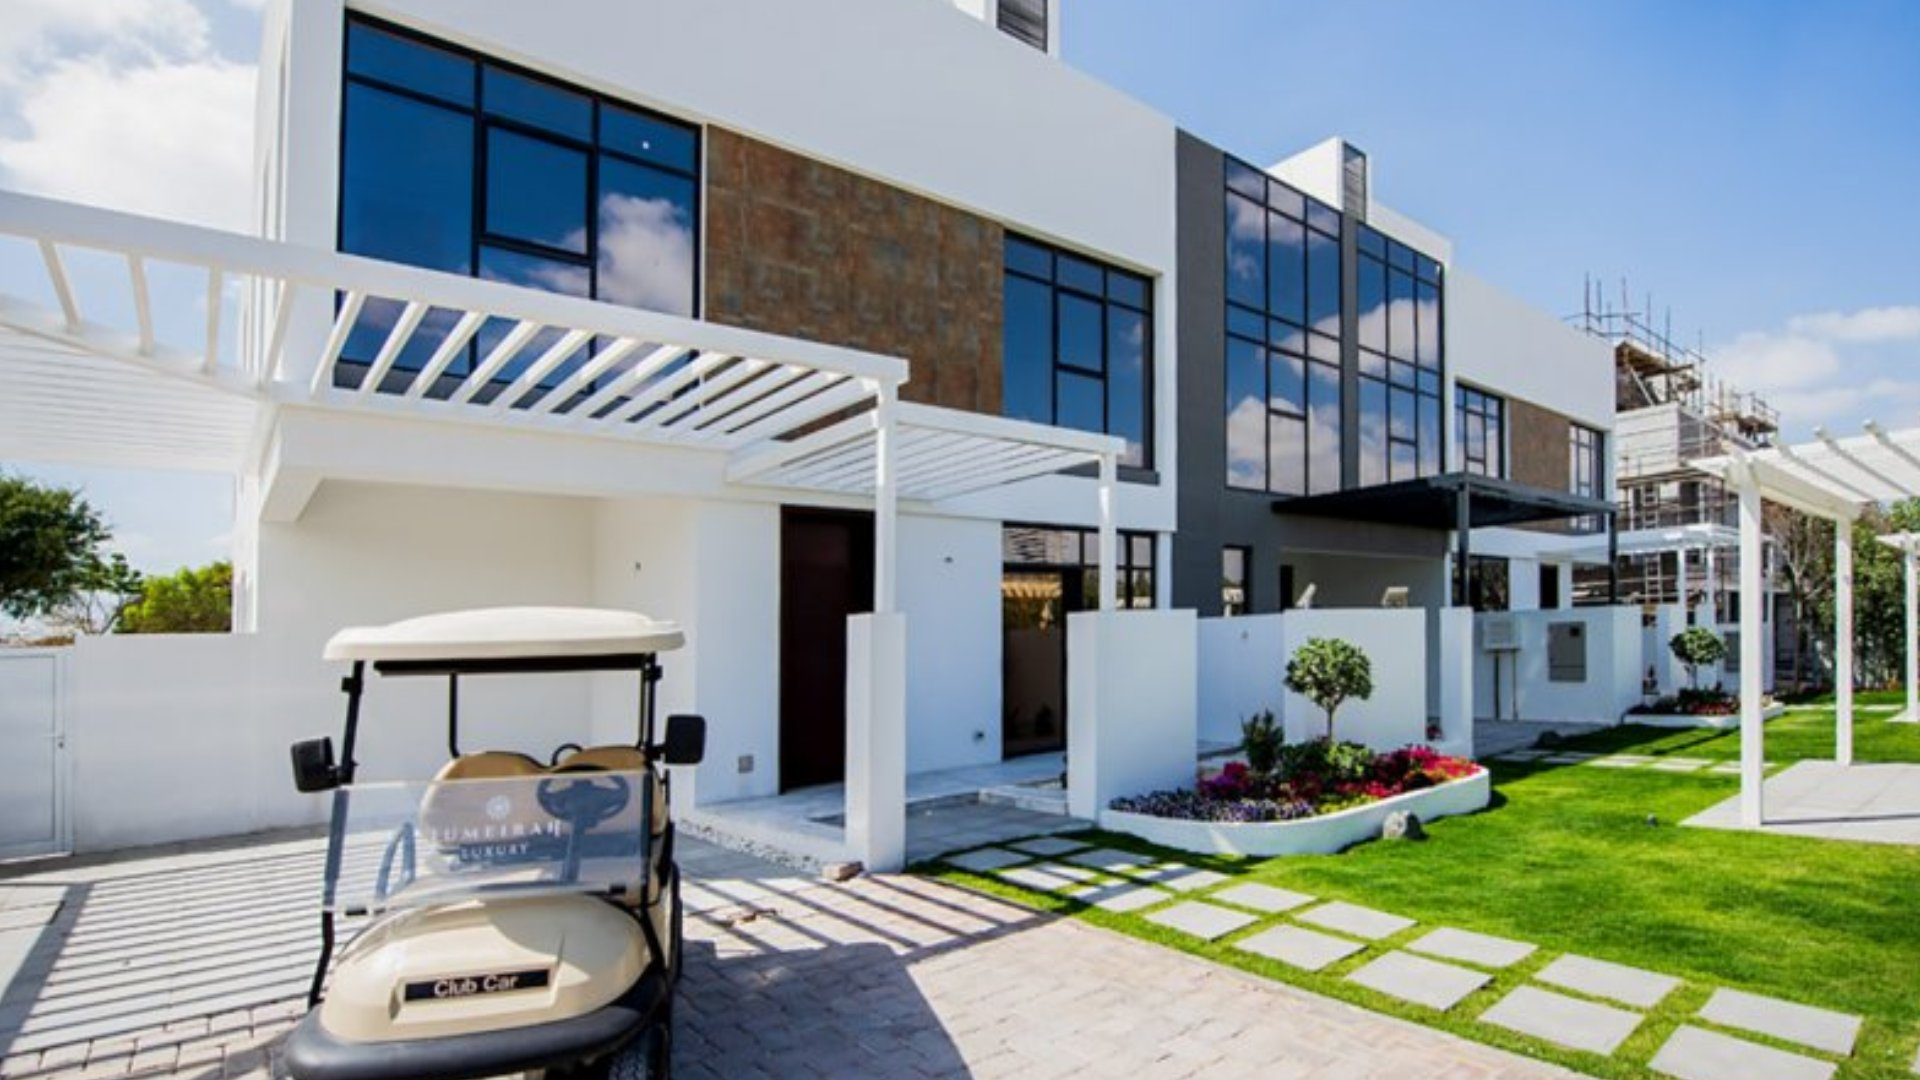 Adosado en venta en Dubai, EAU, 4 dormitorios, 178 m2, № 24235 – foto 6